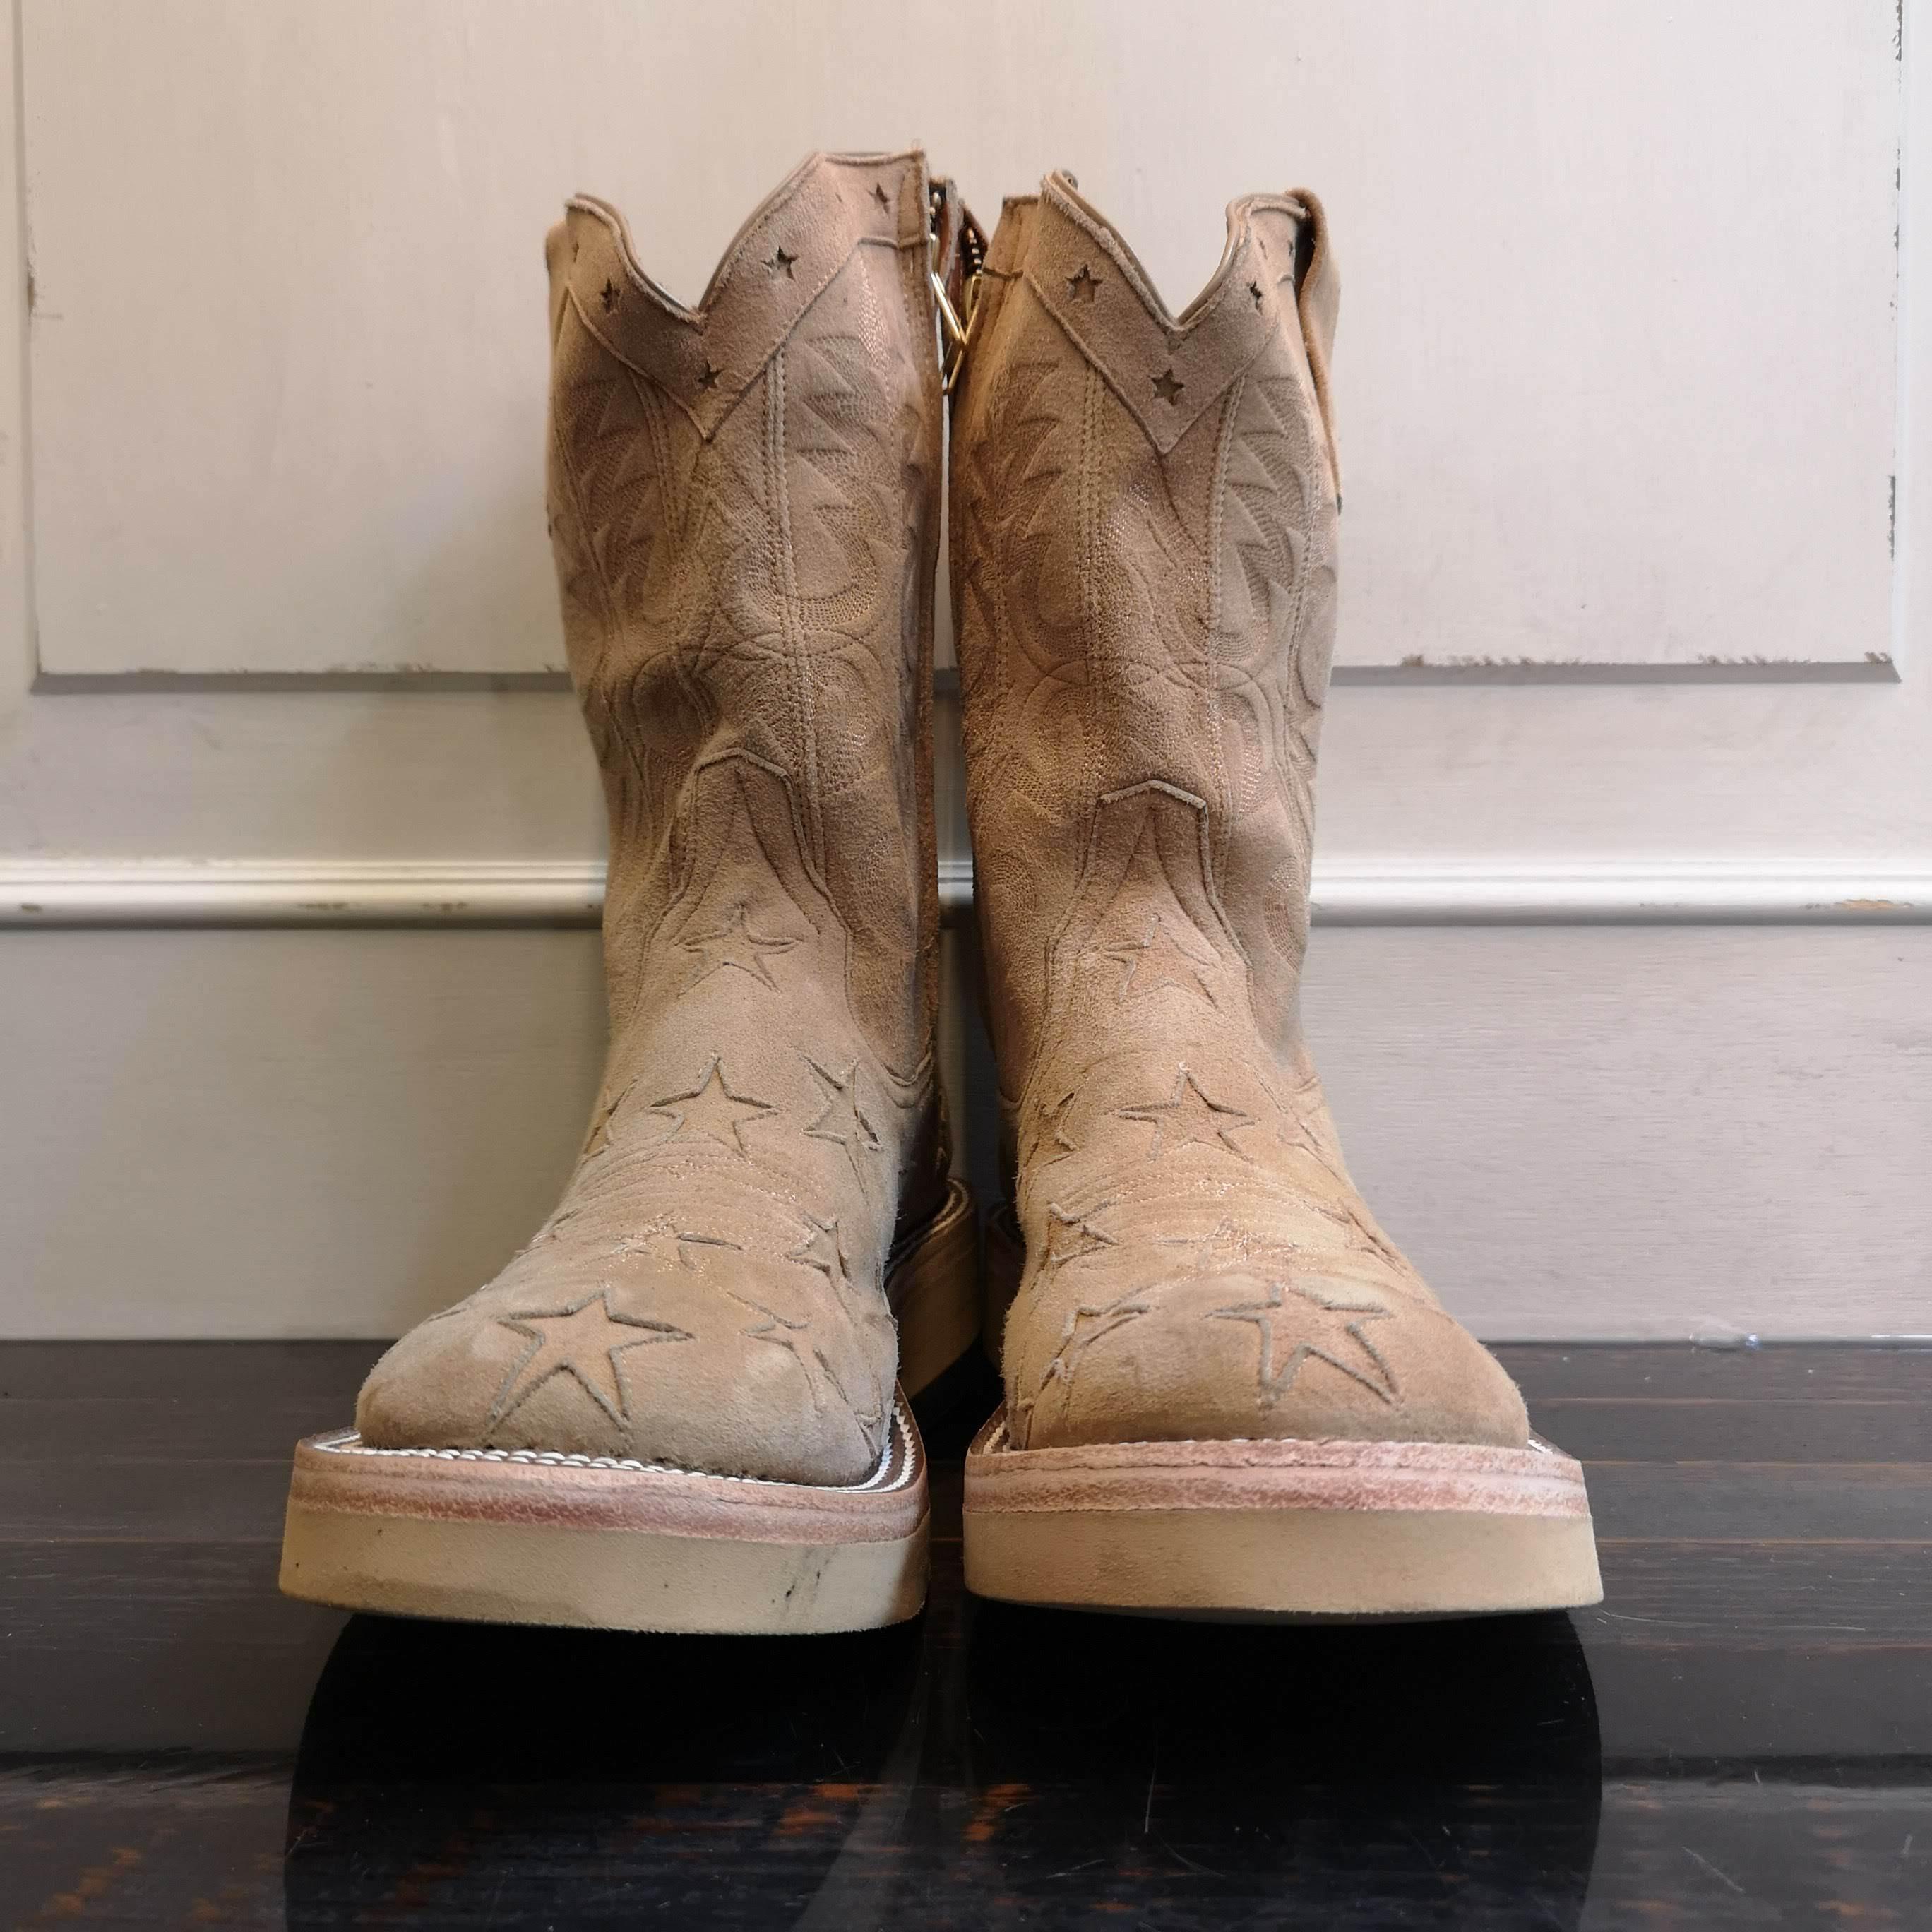 srf.0003 : star&stripes roper boots.